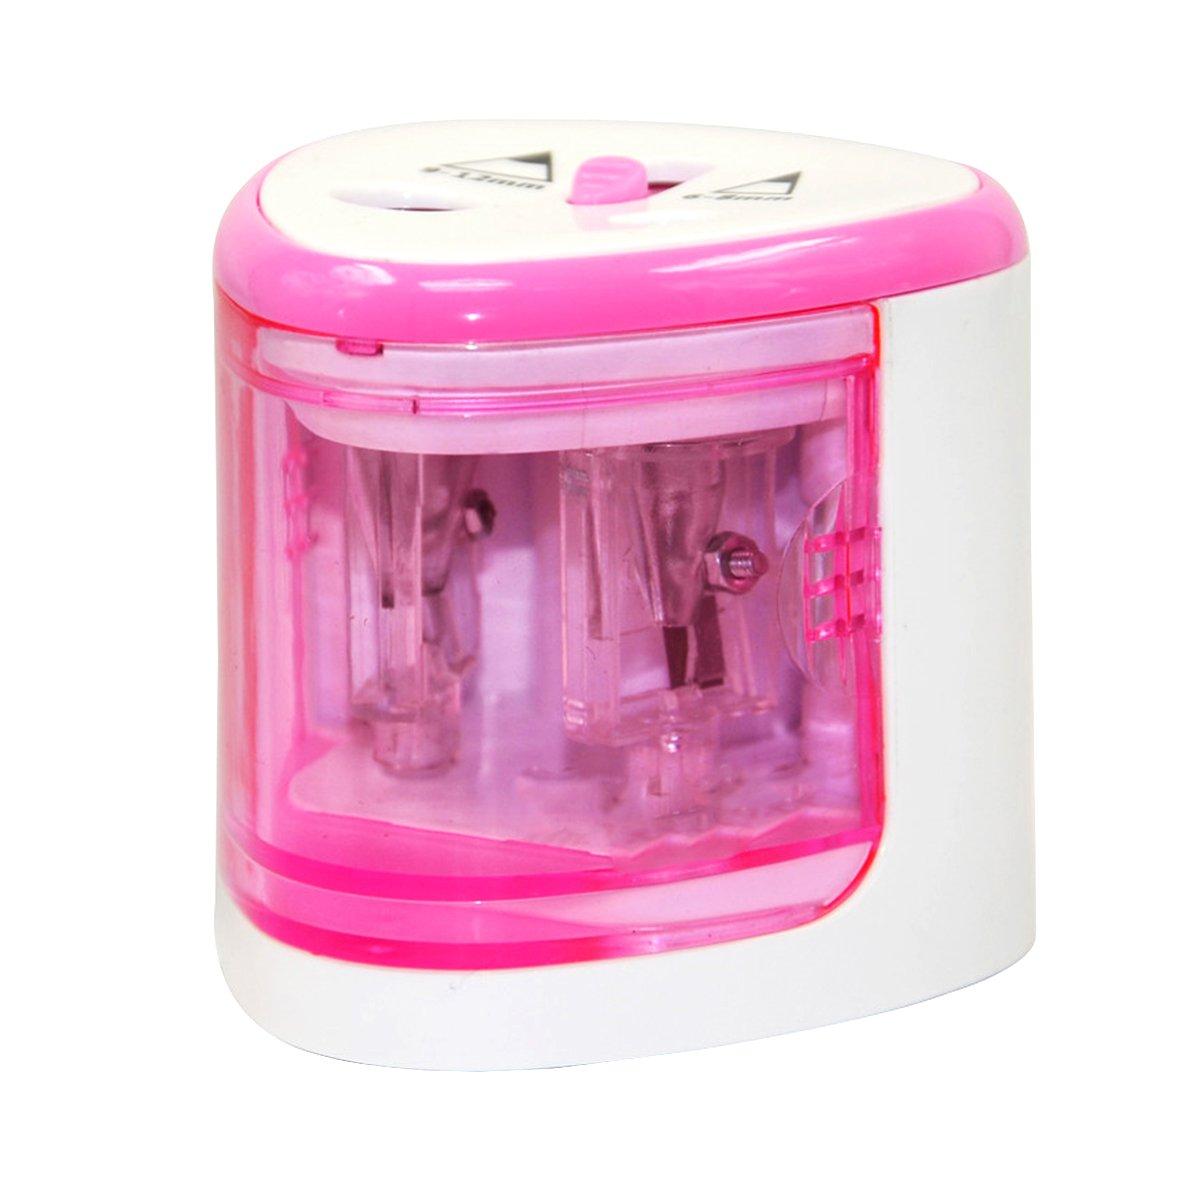 NUOLUX sacapuntas eléctrico automático funciona con pilas sacapuntas con doble agujeros para 6–12mm lápiz (rosa)